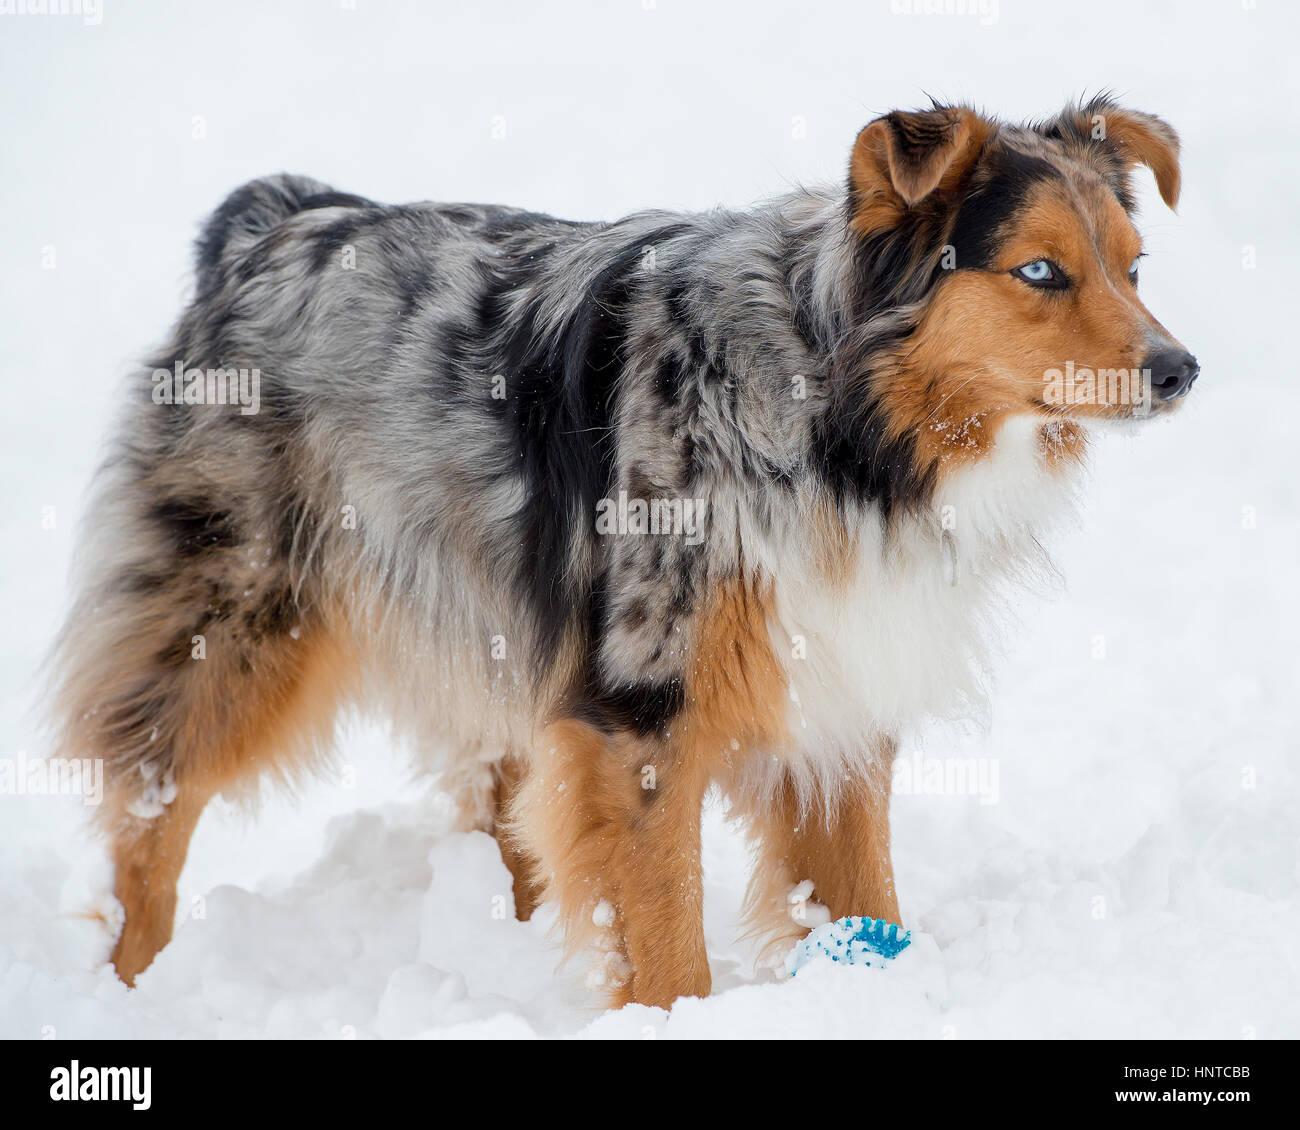 Impresionante tri-color de ojos azules Shepard Pastor Australiano Aussie perro la nieve permanente Imagen De Stock